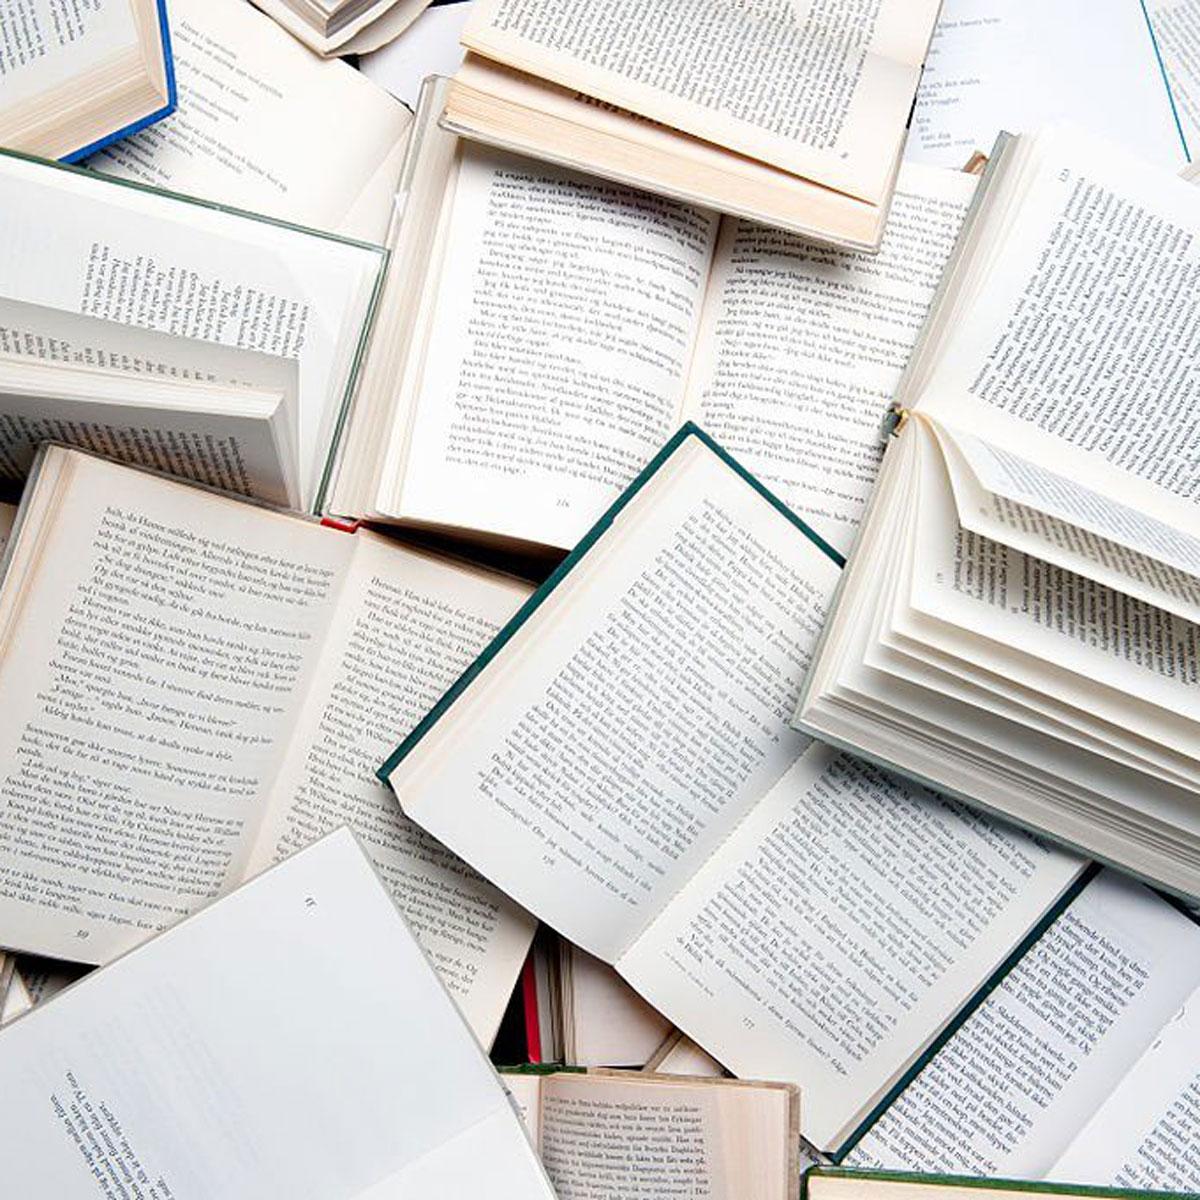 ۱۰ قانون ساده برای نگارش مرور ادبیات (Literature Review) | مقاله نویسی ، مقاله مروری ، مرور ادبیات